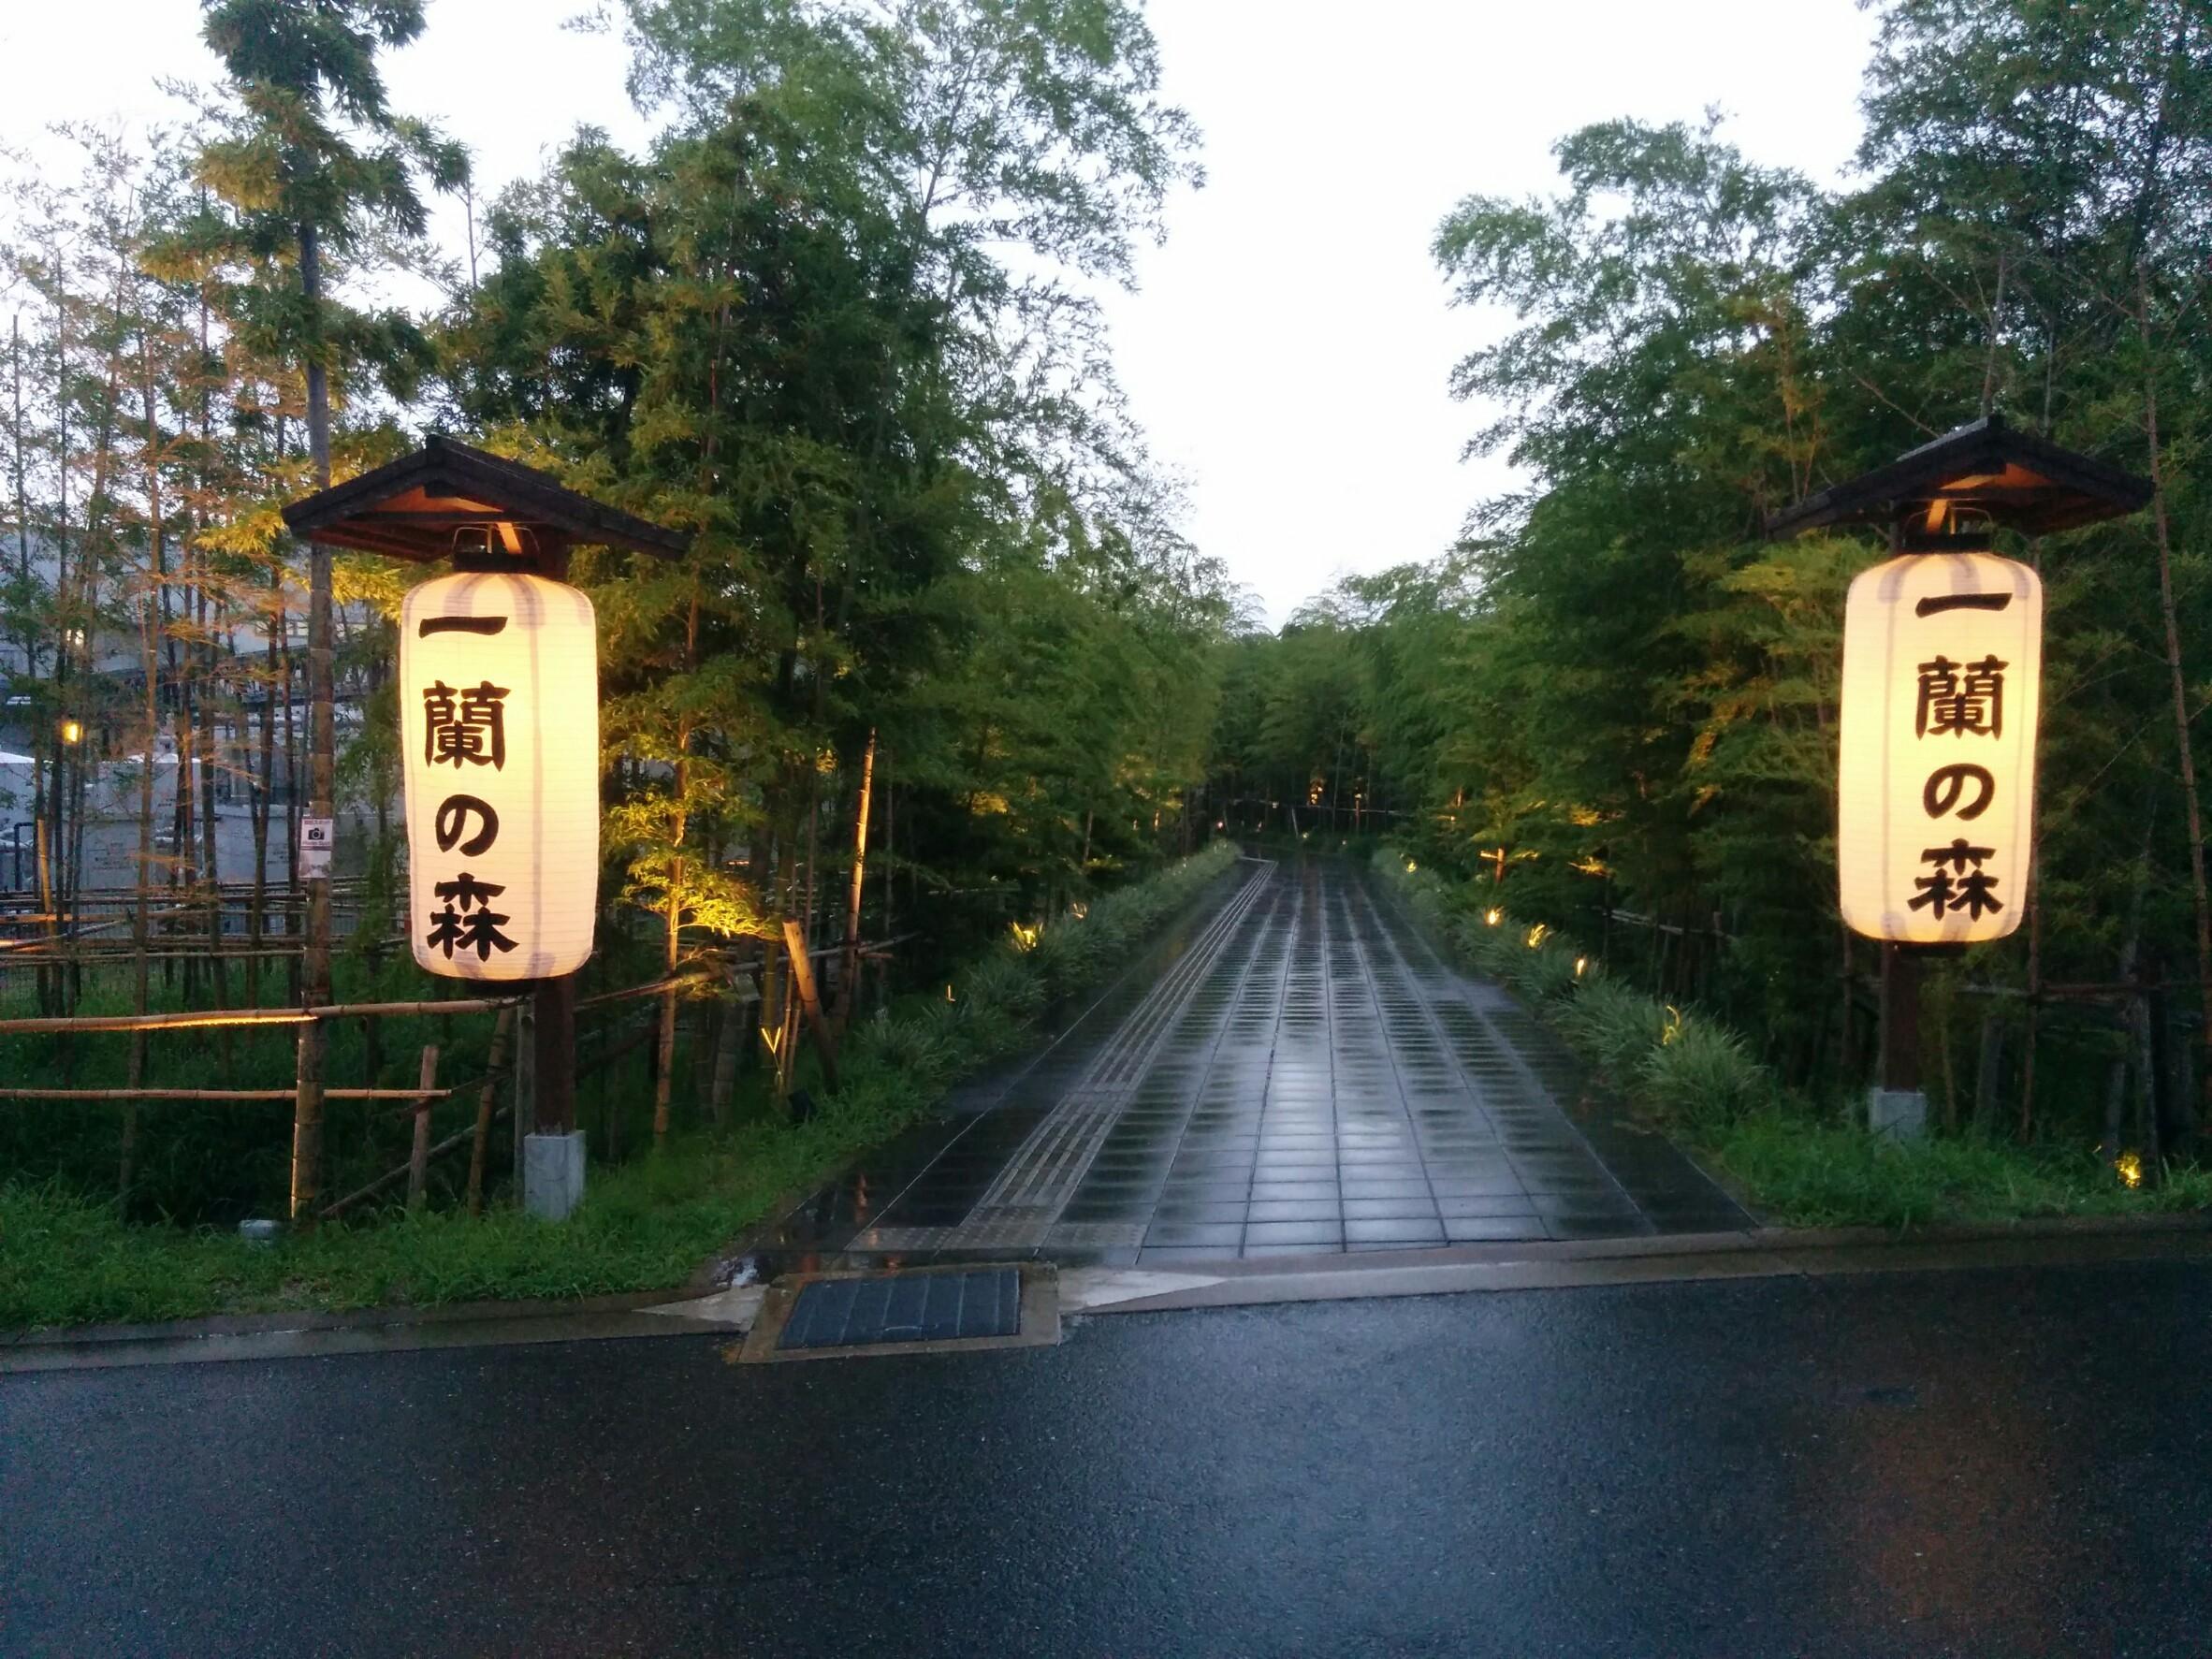 福岡_170712_0010